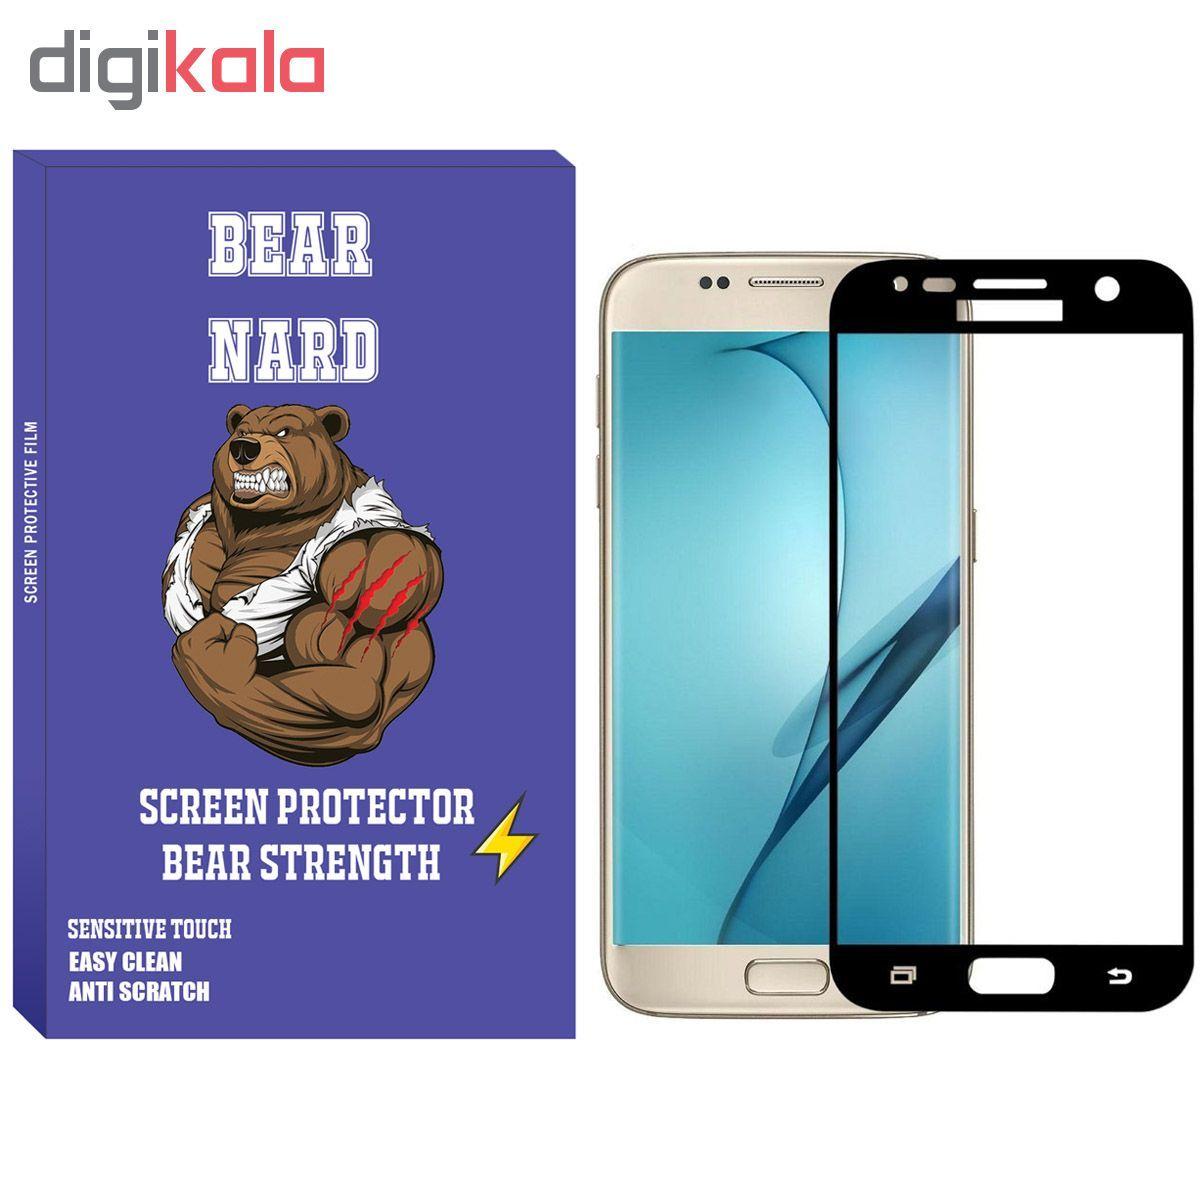 محافظ صفحه نمایش برنارد مدل FUB_01 مناسب برای گوشی موبایل سامسونگ Galaxy J5 2016 main 1 1